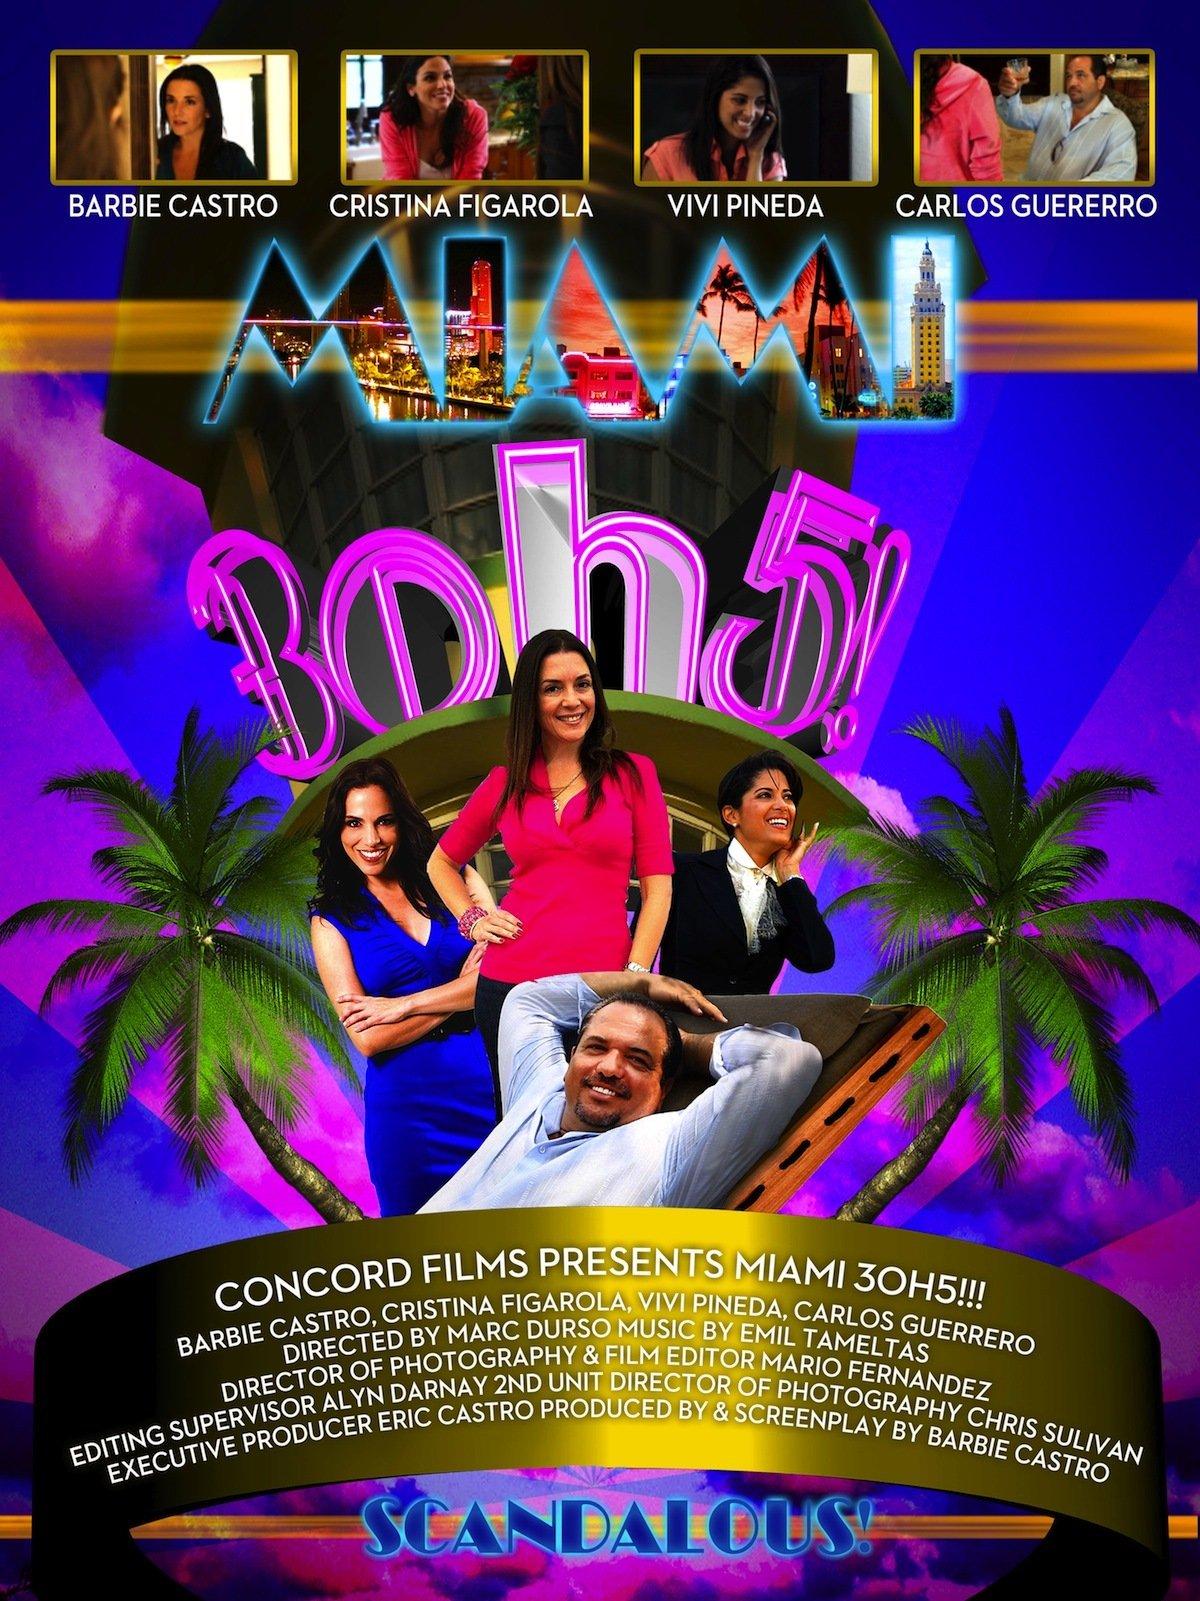 Miami 3 Oh 5